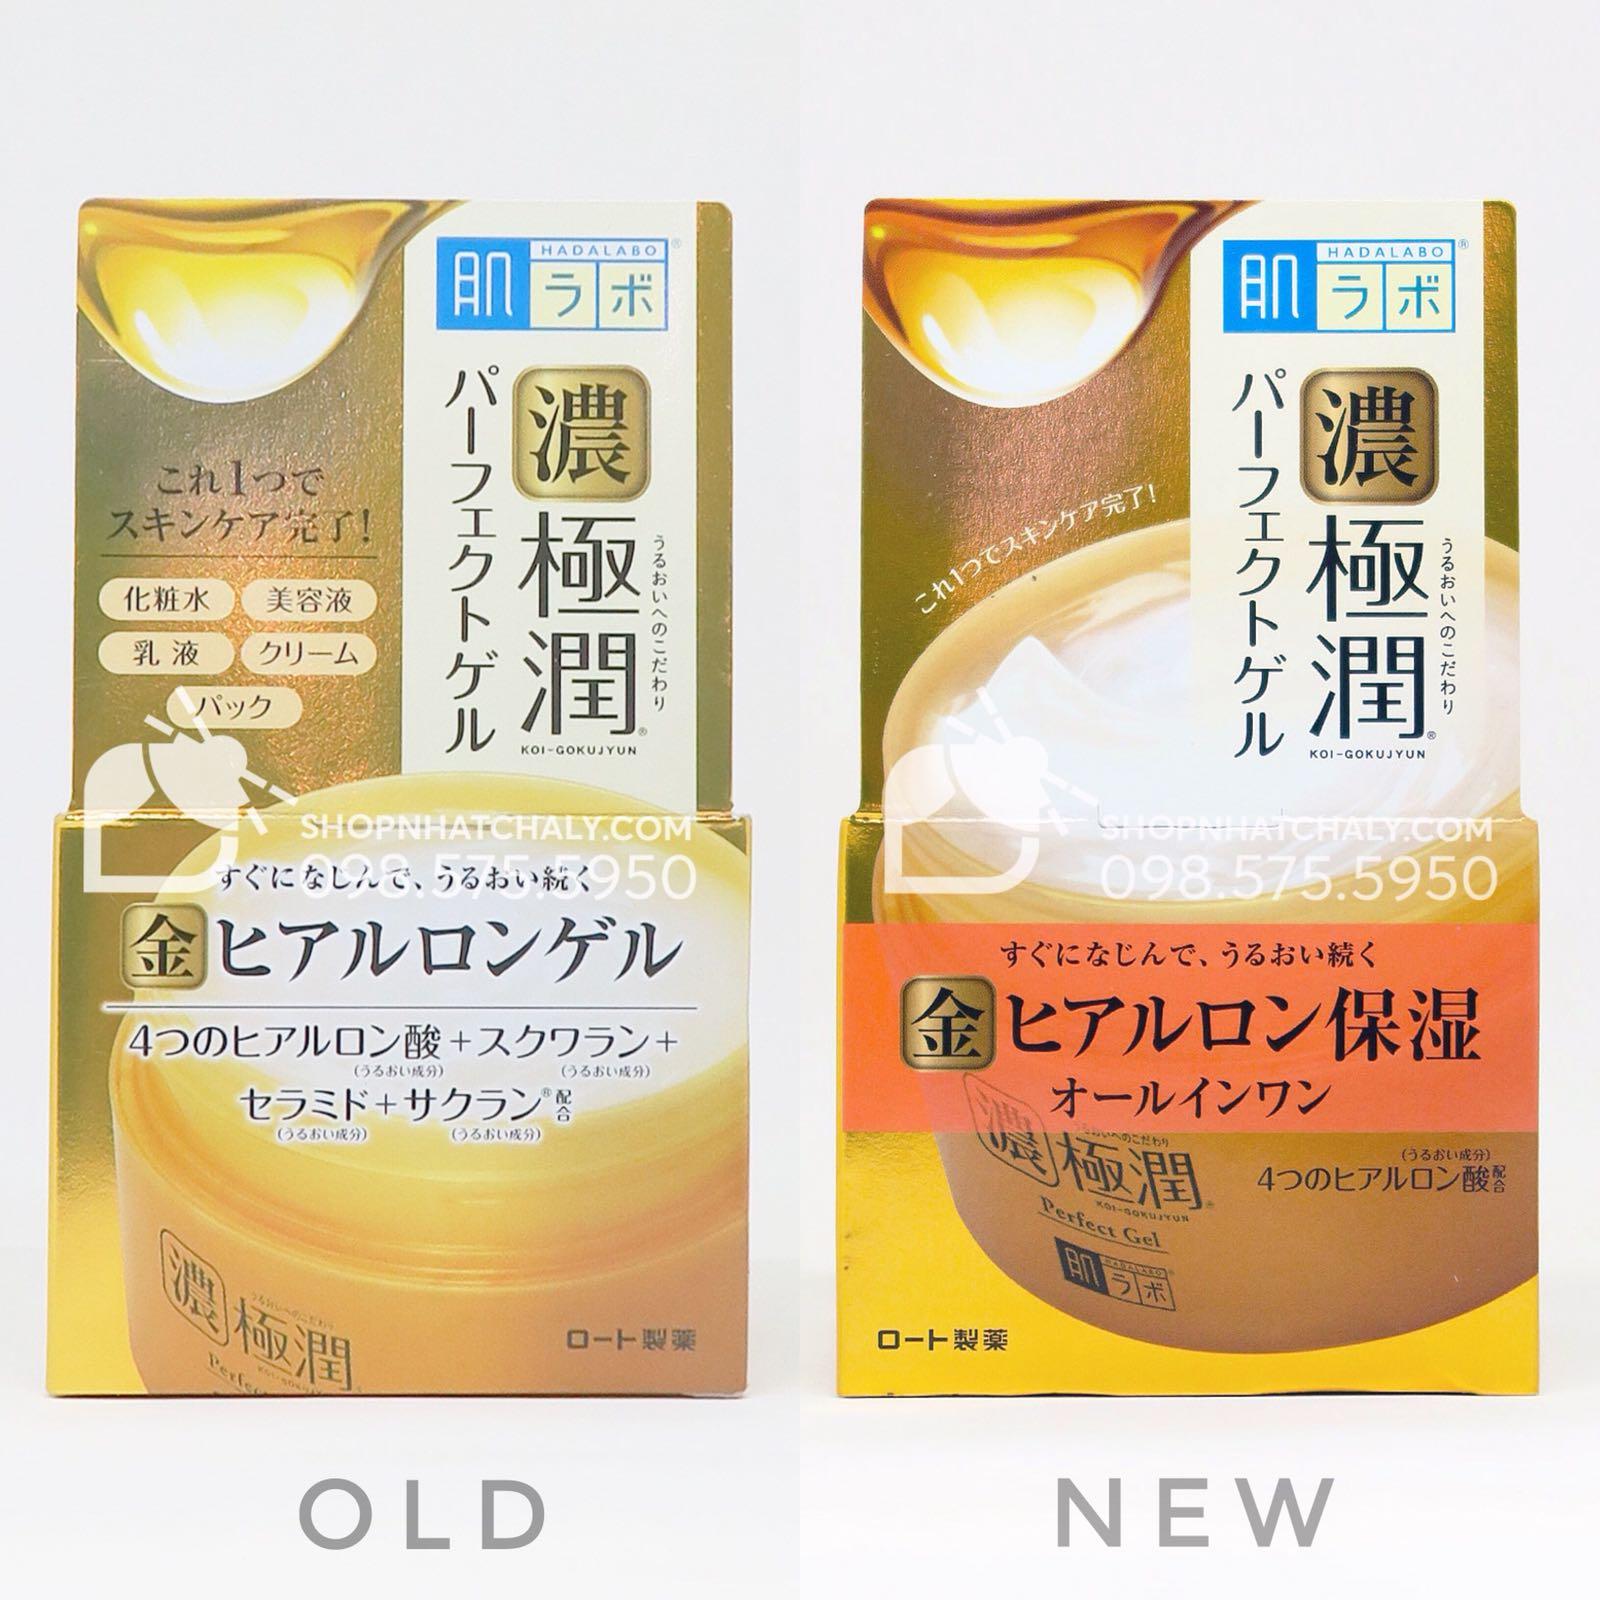 Mẫu mới nhất (phải) vừa ra lò của kem Hada Labo nội địa Nhật màu vàng